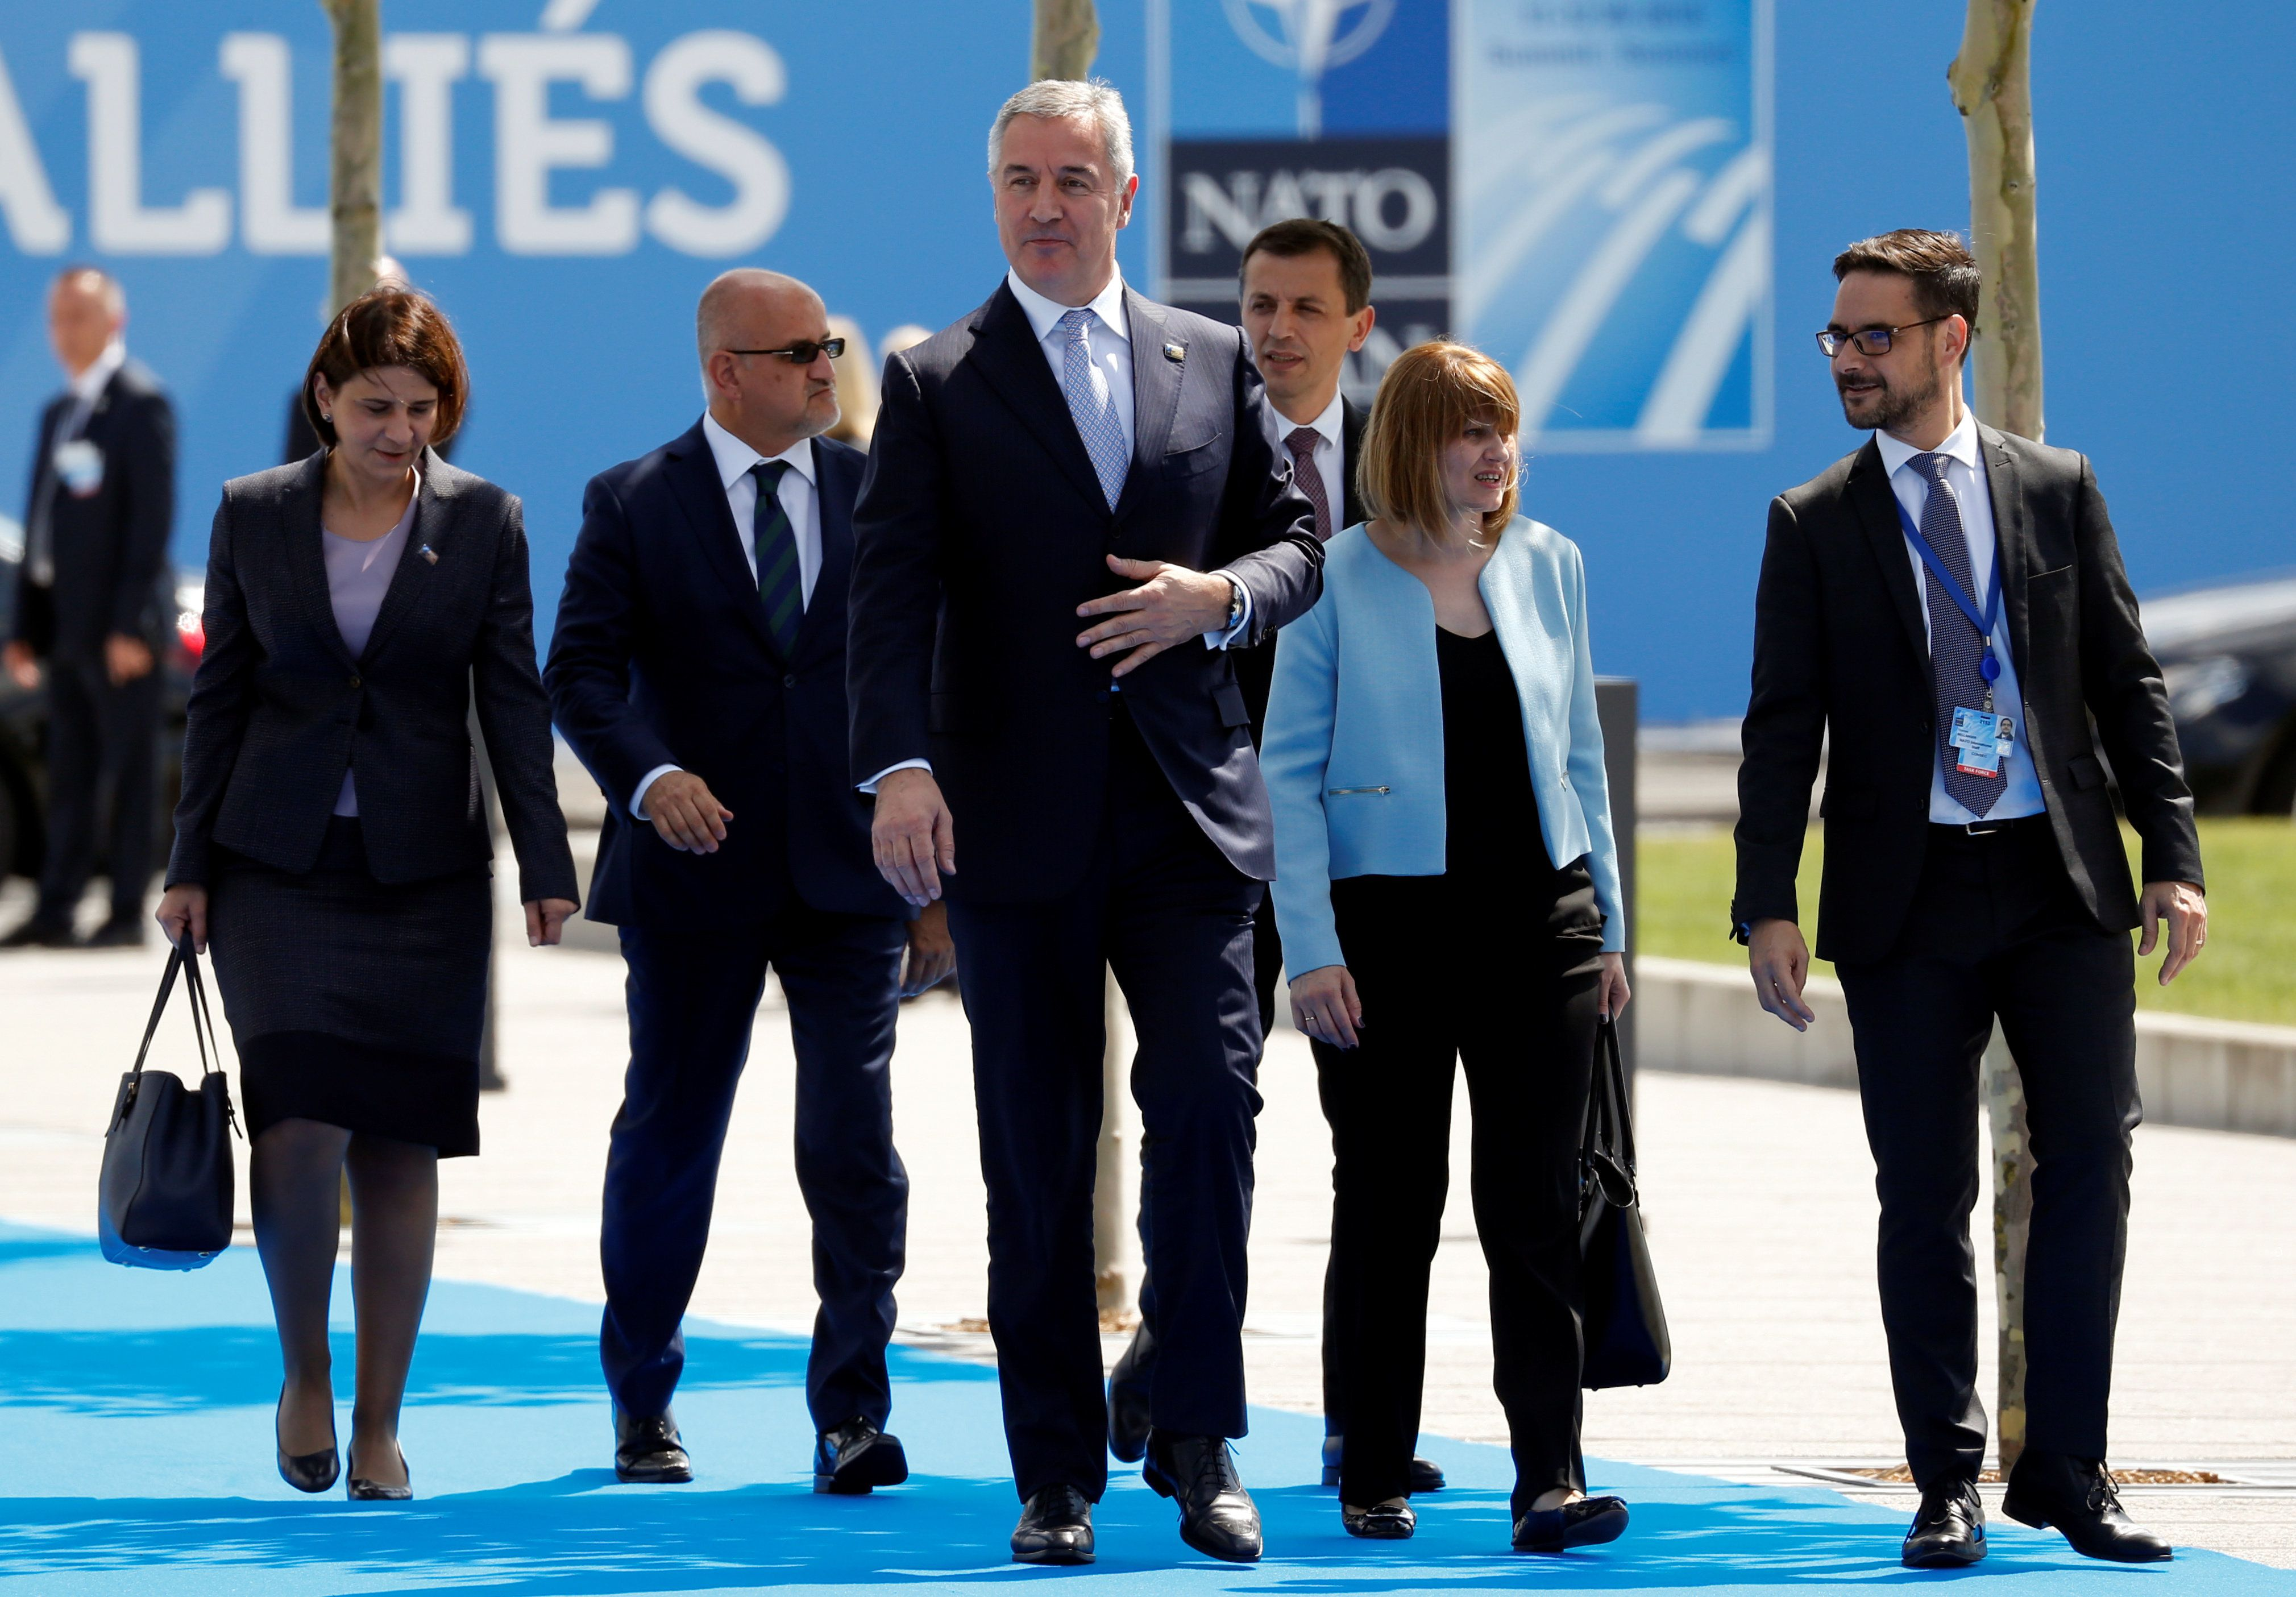 Ηγέτες στο ΝΑΤΟ έκαναν ήδη τα βαφτίσια και άρχισαν να μιλούν για τη «Βόρεια Μακεδονία»